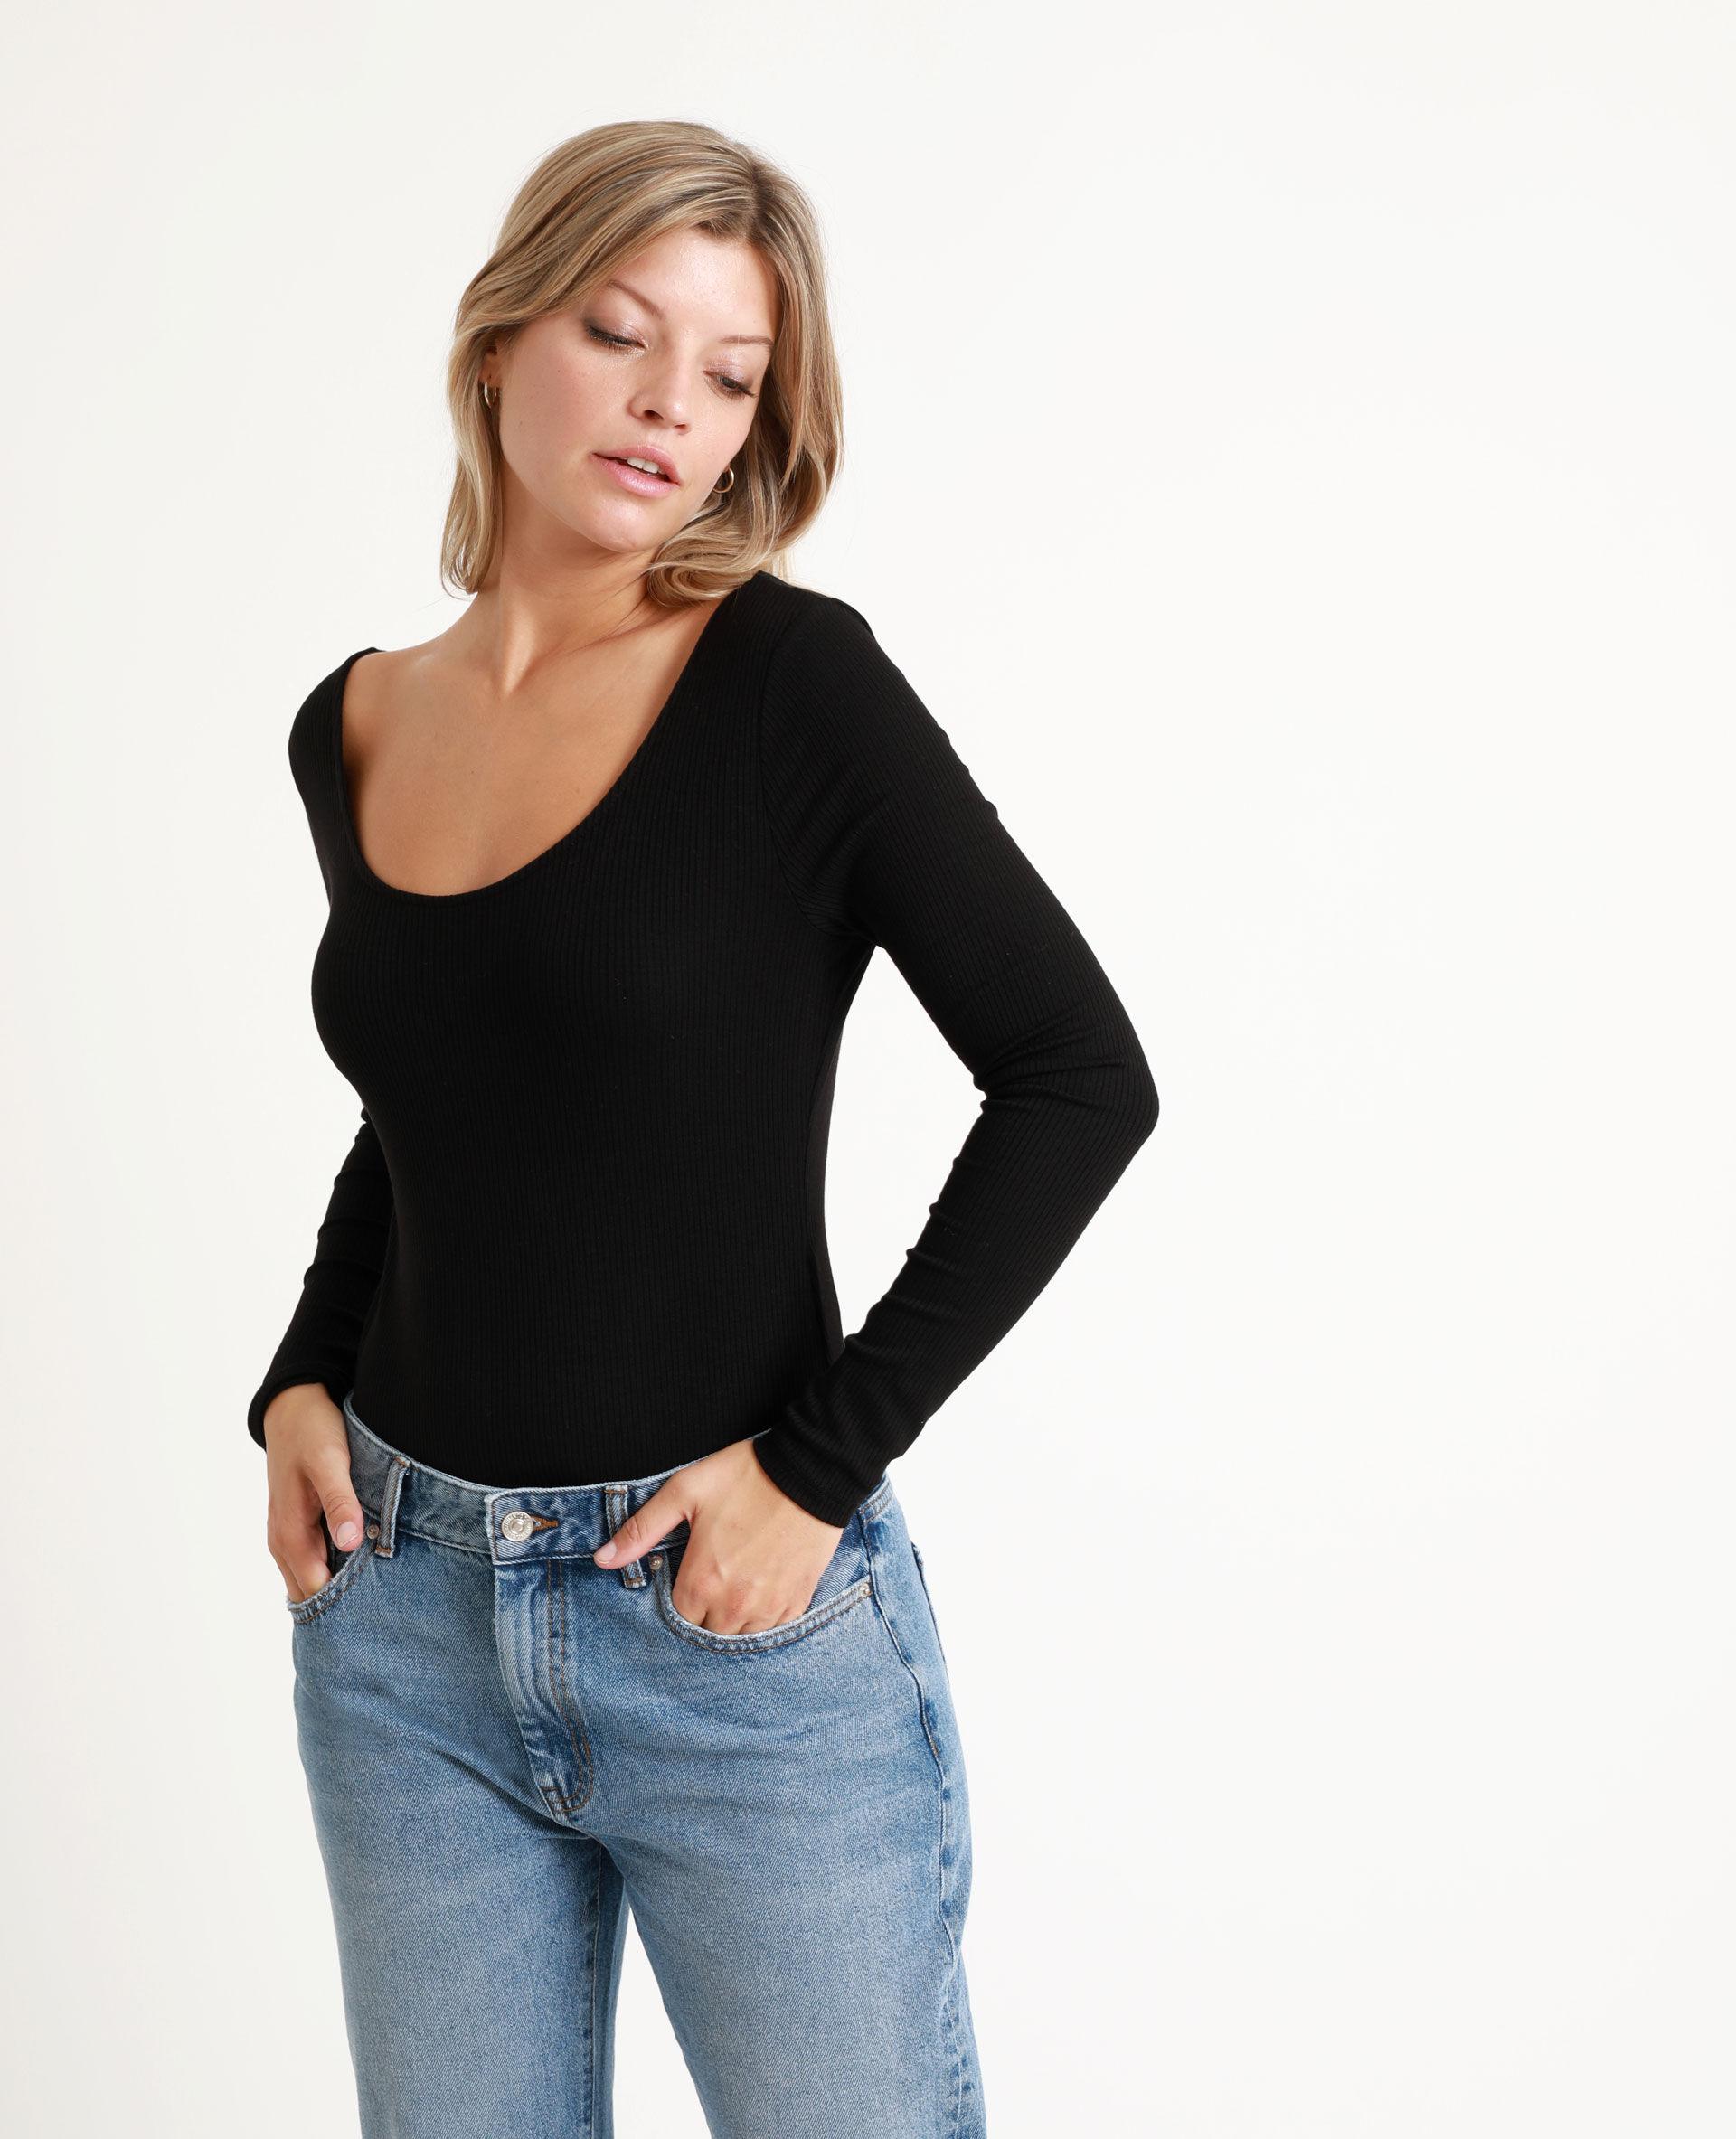 Body à manches longues Femme - Couleur noir - Taille XS - PIMKIE - MODE FEMME